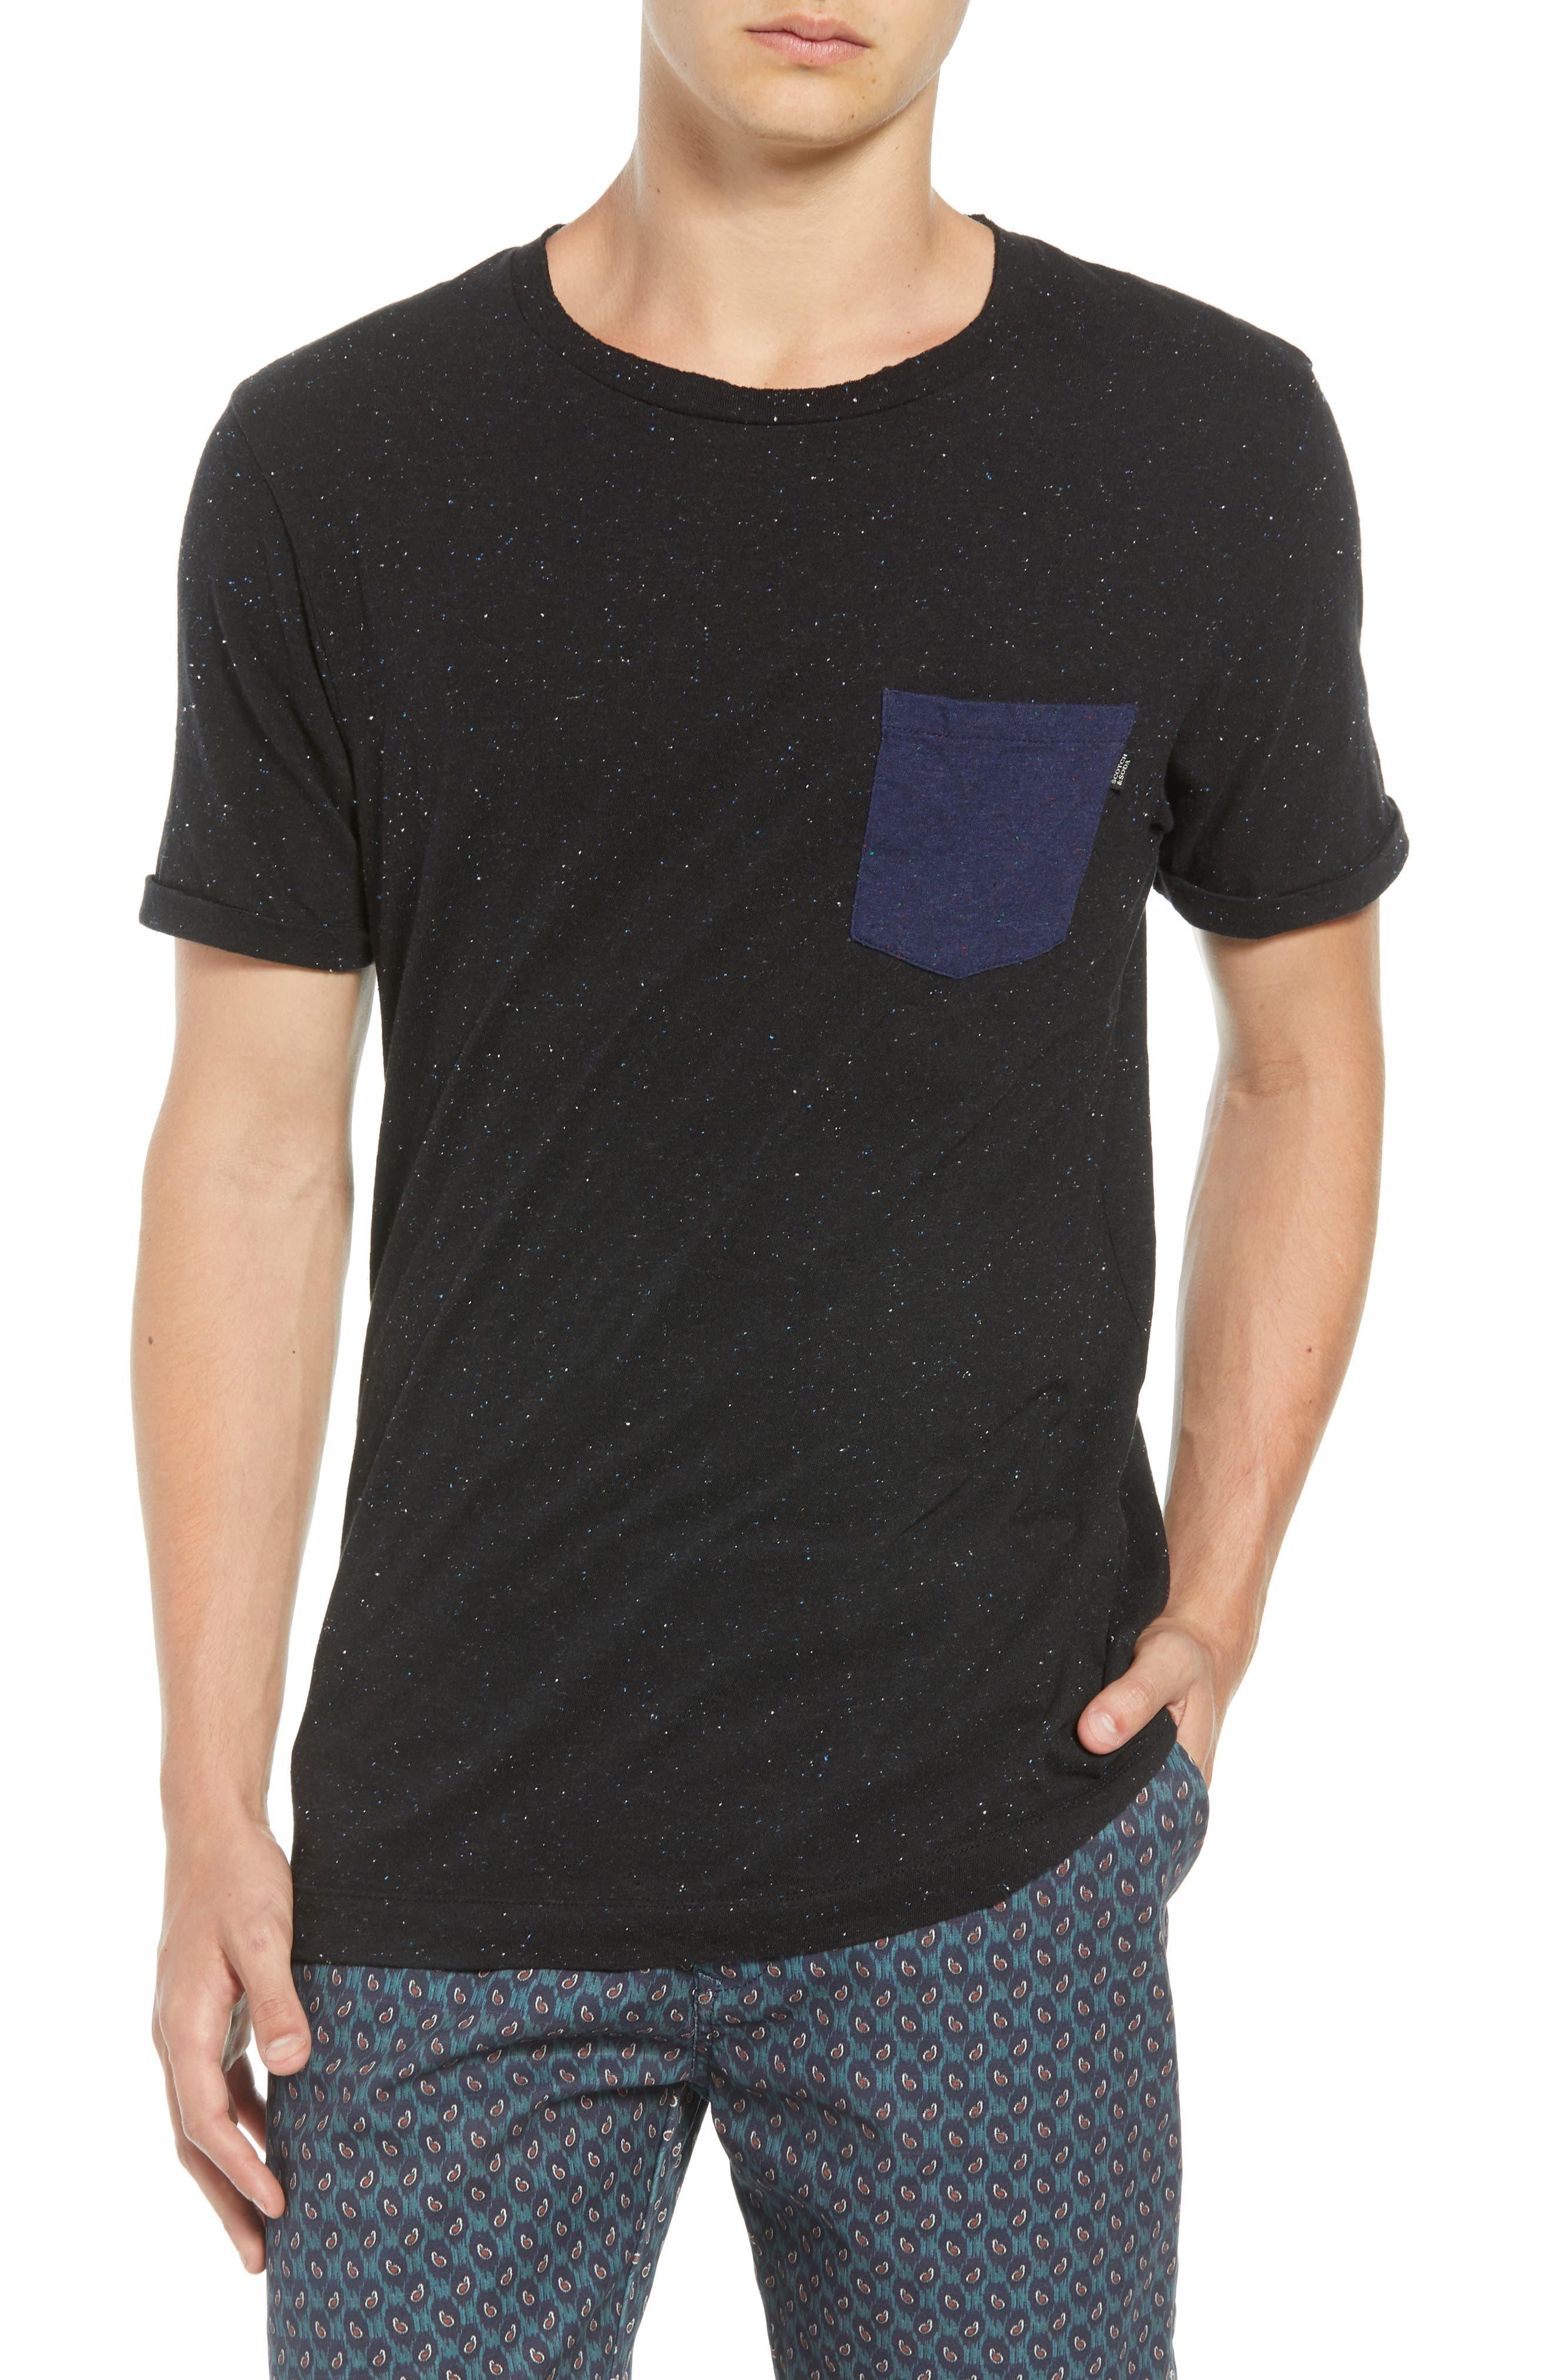 Nep Jersey Pocket T-Shirt,                             Main thumbnail 1, color,                             001